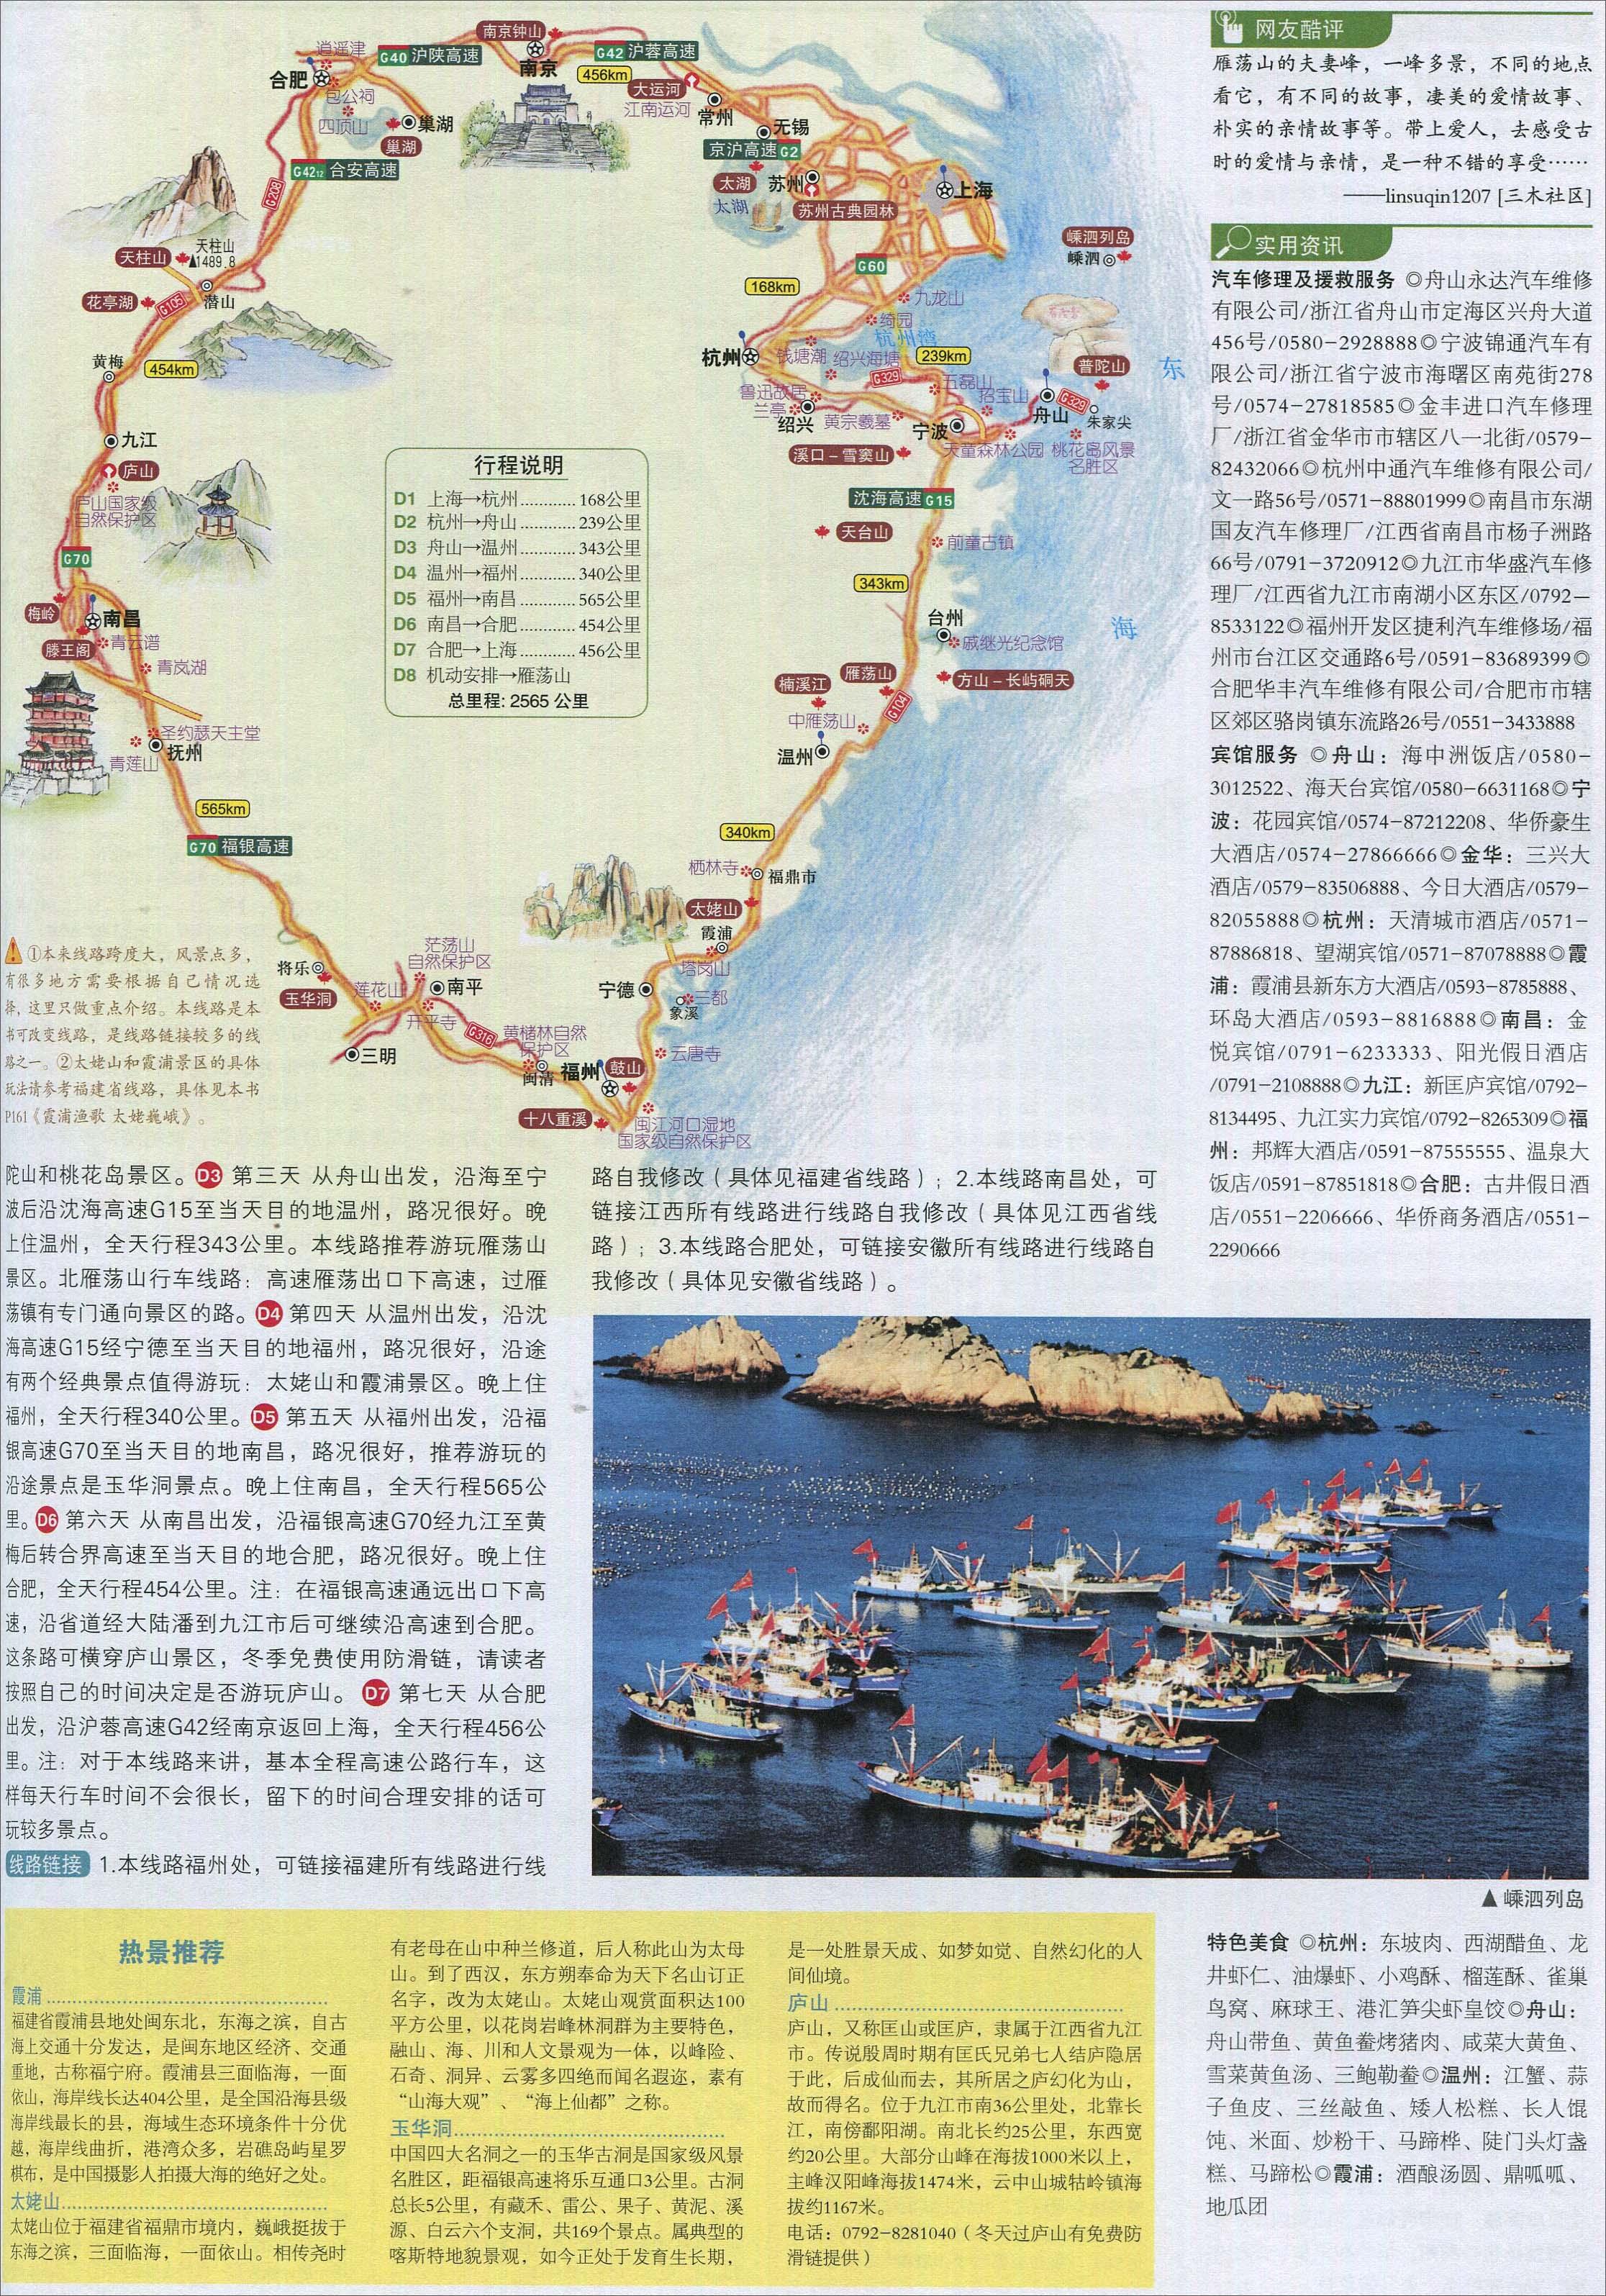 >> 上海至温州自驾游路线图  景点导航:世界旅游  中国旅游  北京旅游